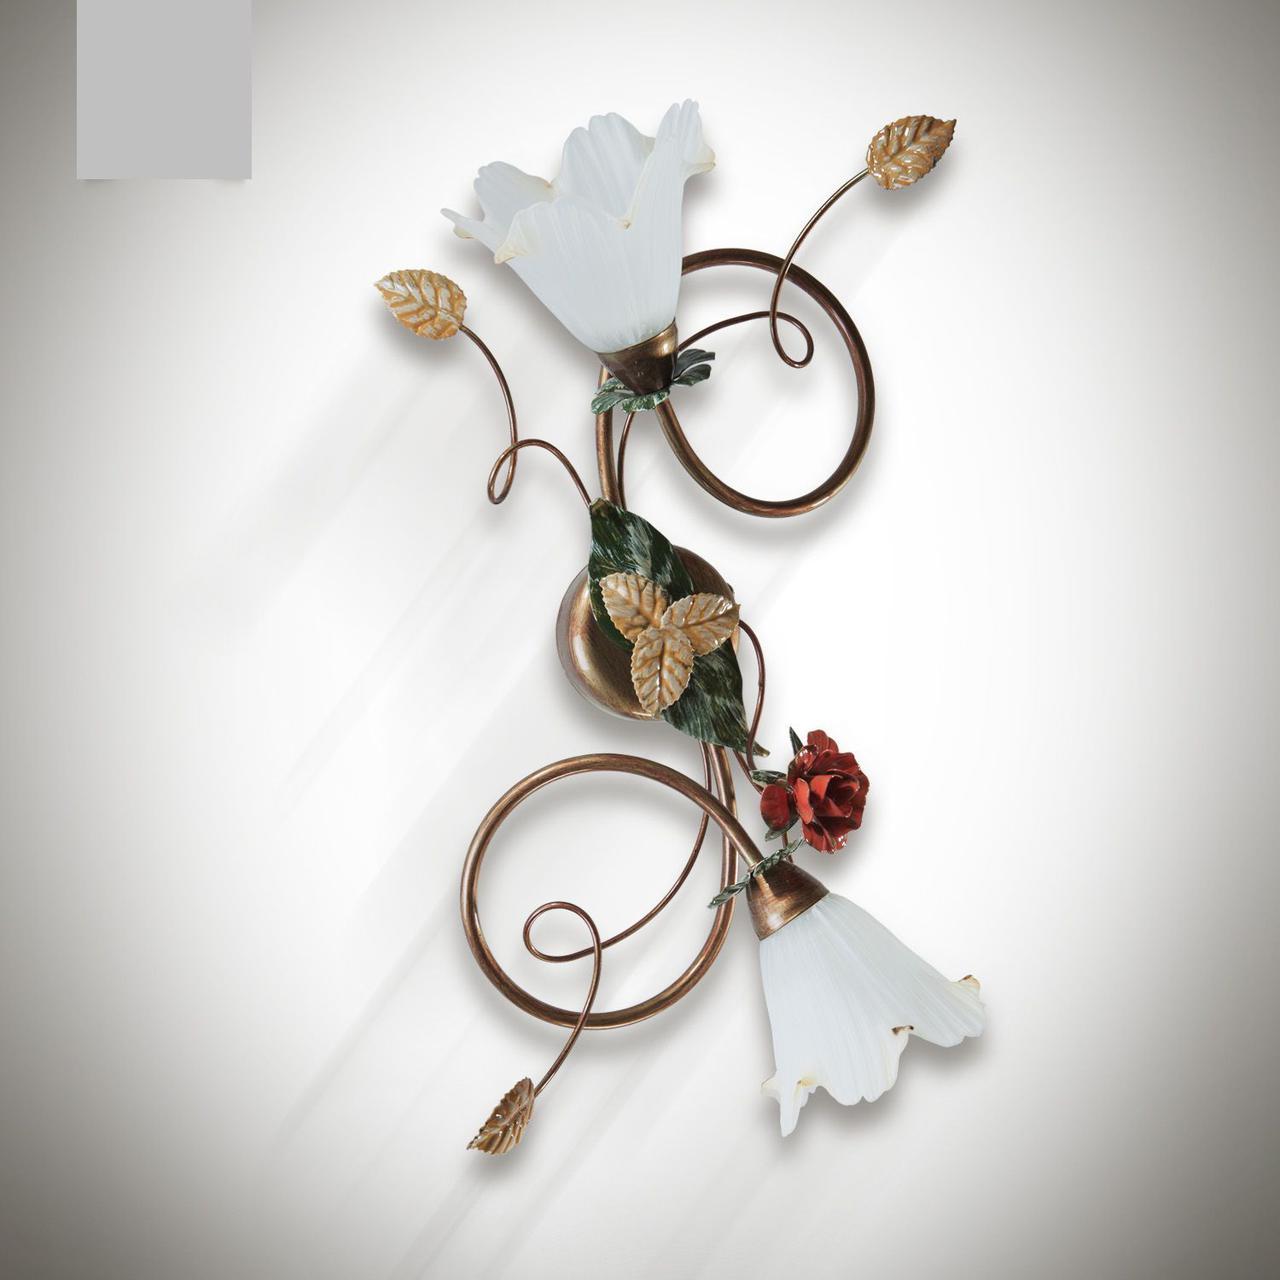 Люстра металлическая с цветами для спальни, кухни, прихожей 15202-1